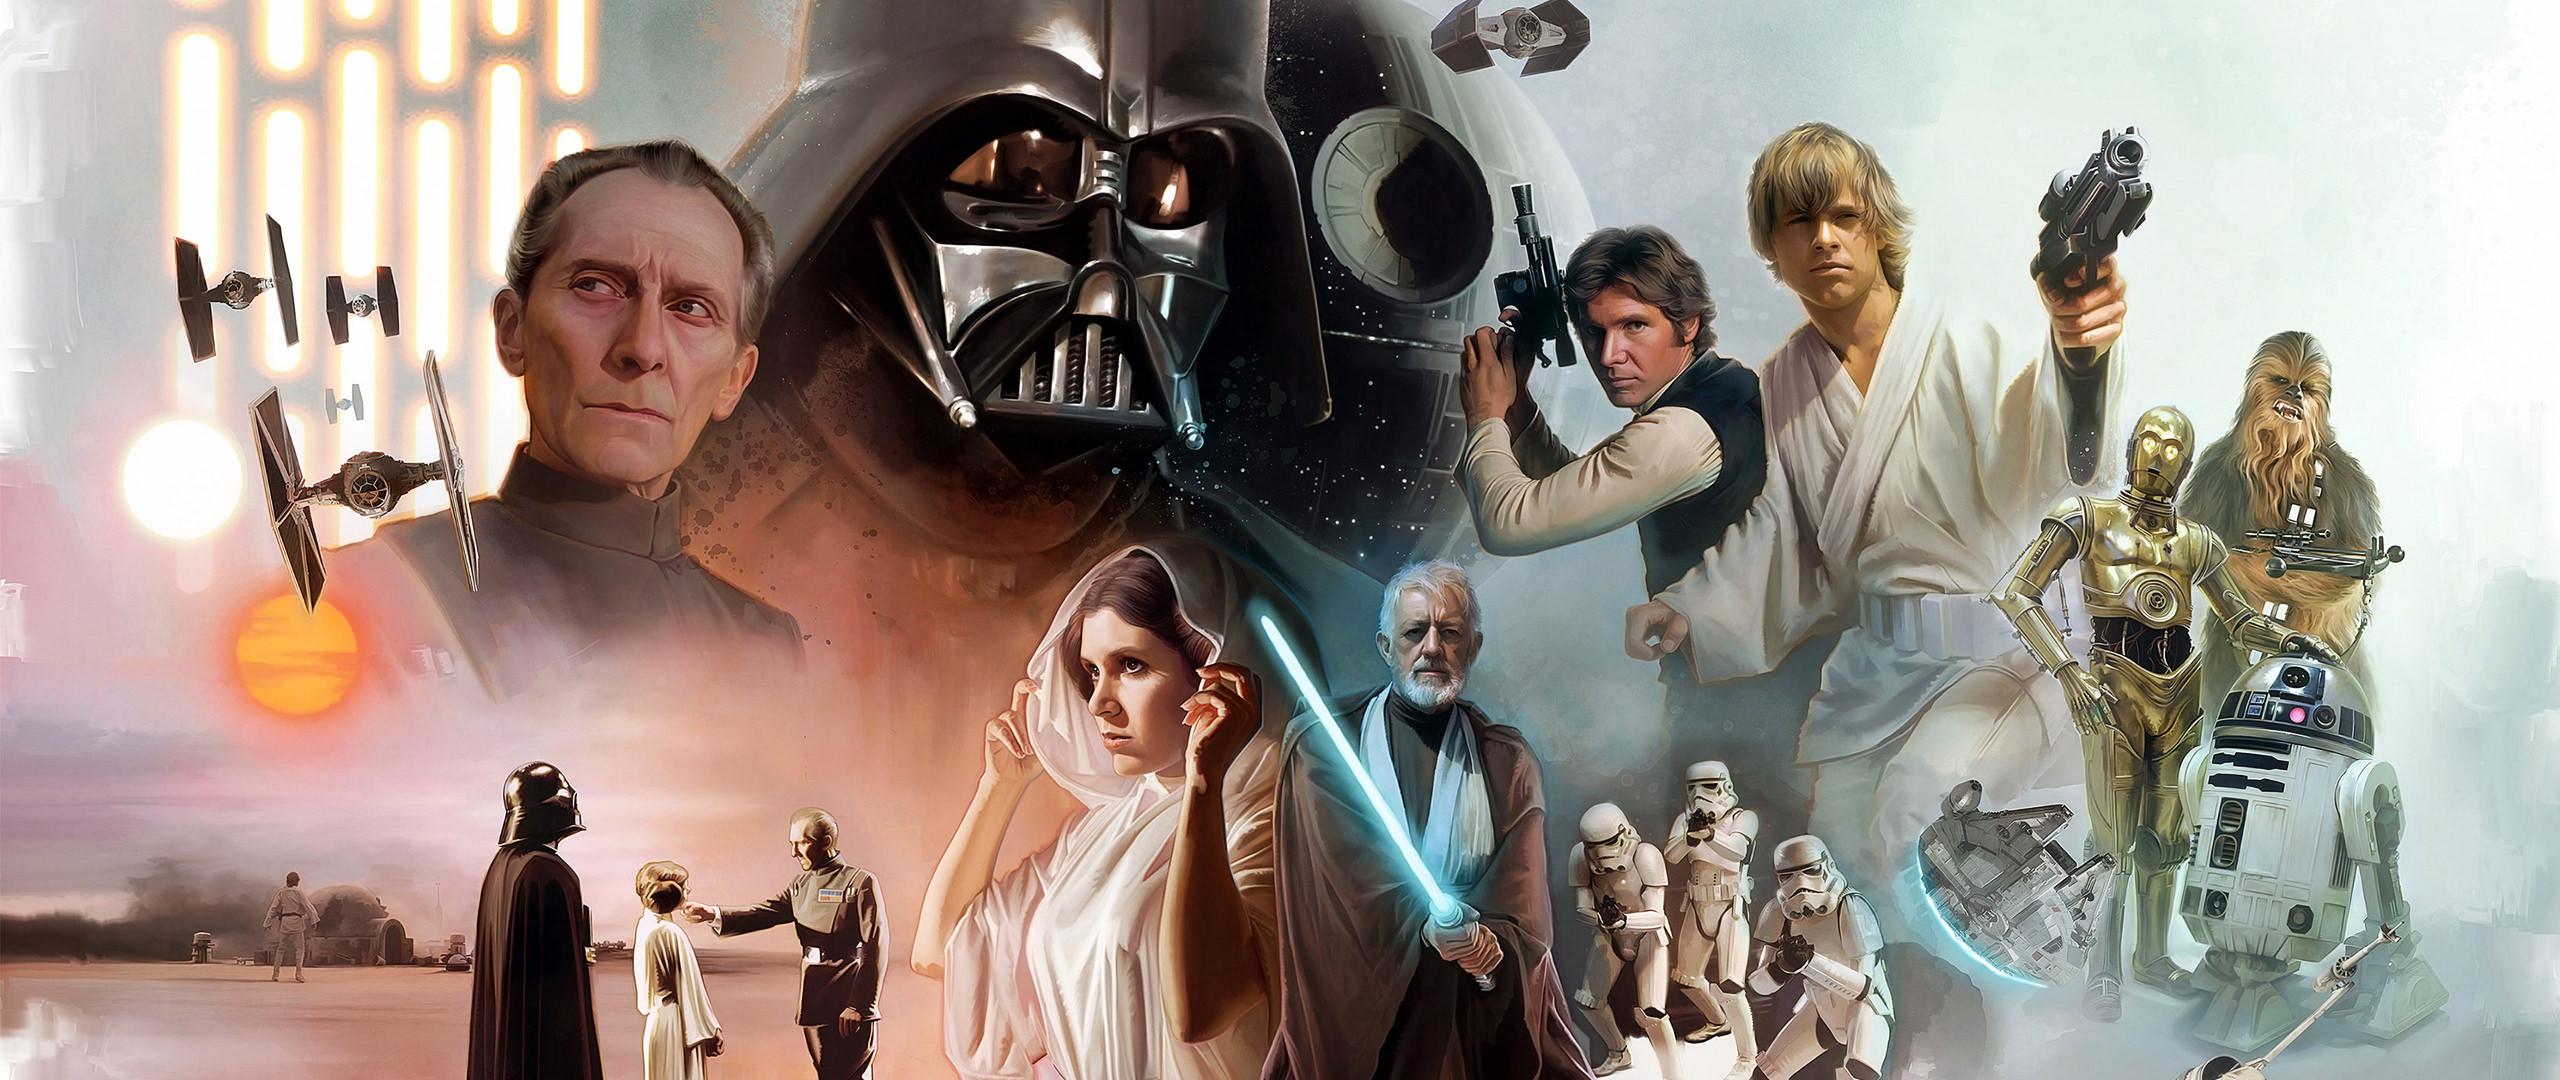 Wallpaper Star Wars Movie Art Ultrawide 2560x1080 Username77 1328427 Hd Wallpapers Wallhere